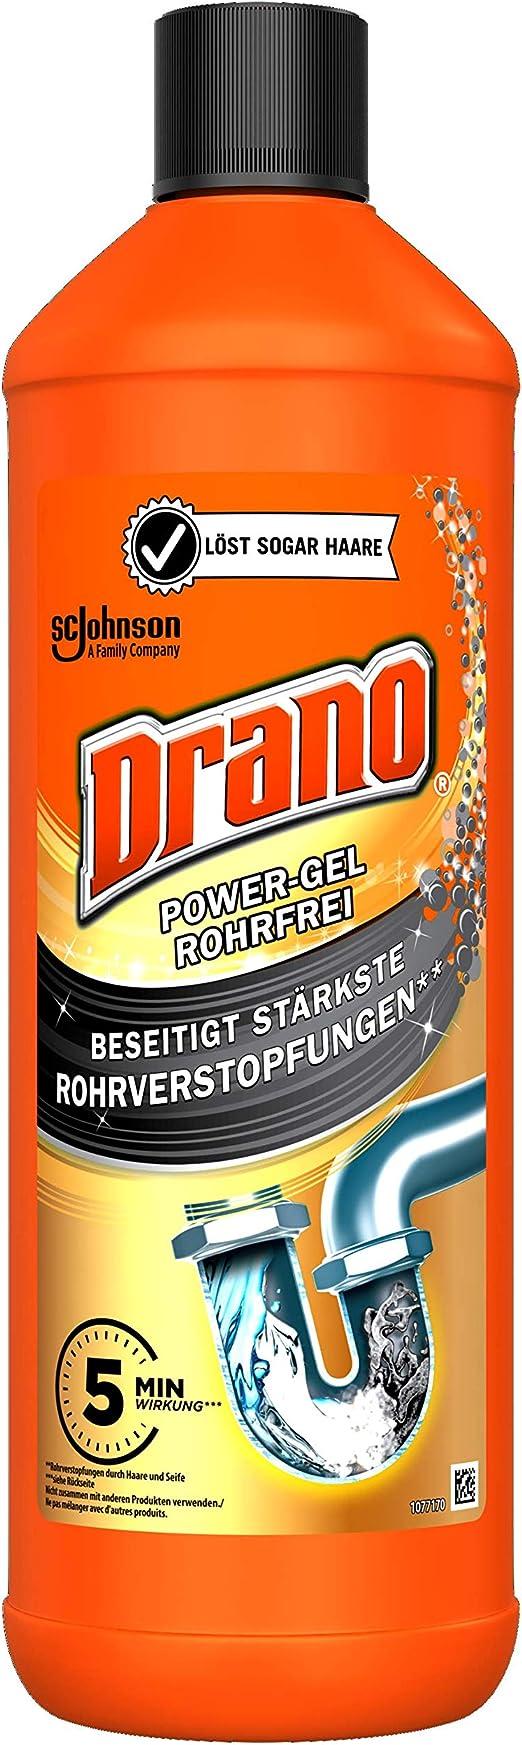 Drano (Mr Muscle) Power Gel Rohrfrei Abflussreiniger, Rohrreiniger, für  Küche & Bad, entfernt Verstopfungen, 199er Pack (199 x 199000 ml)